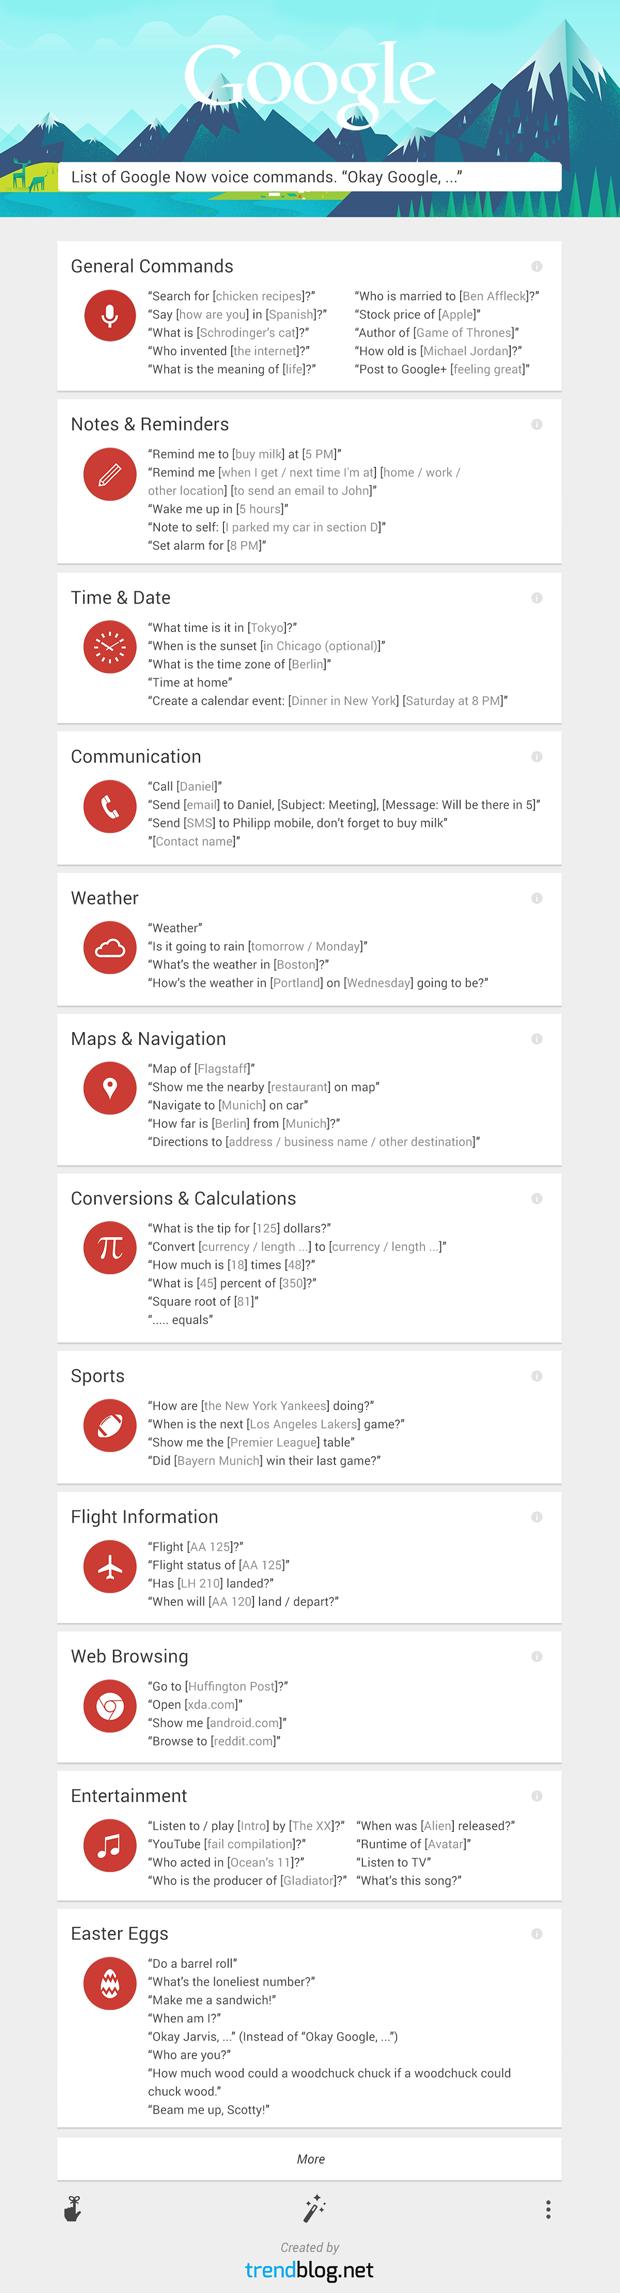 googlenow-commands